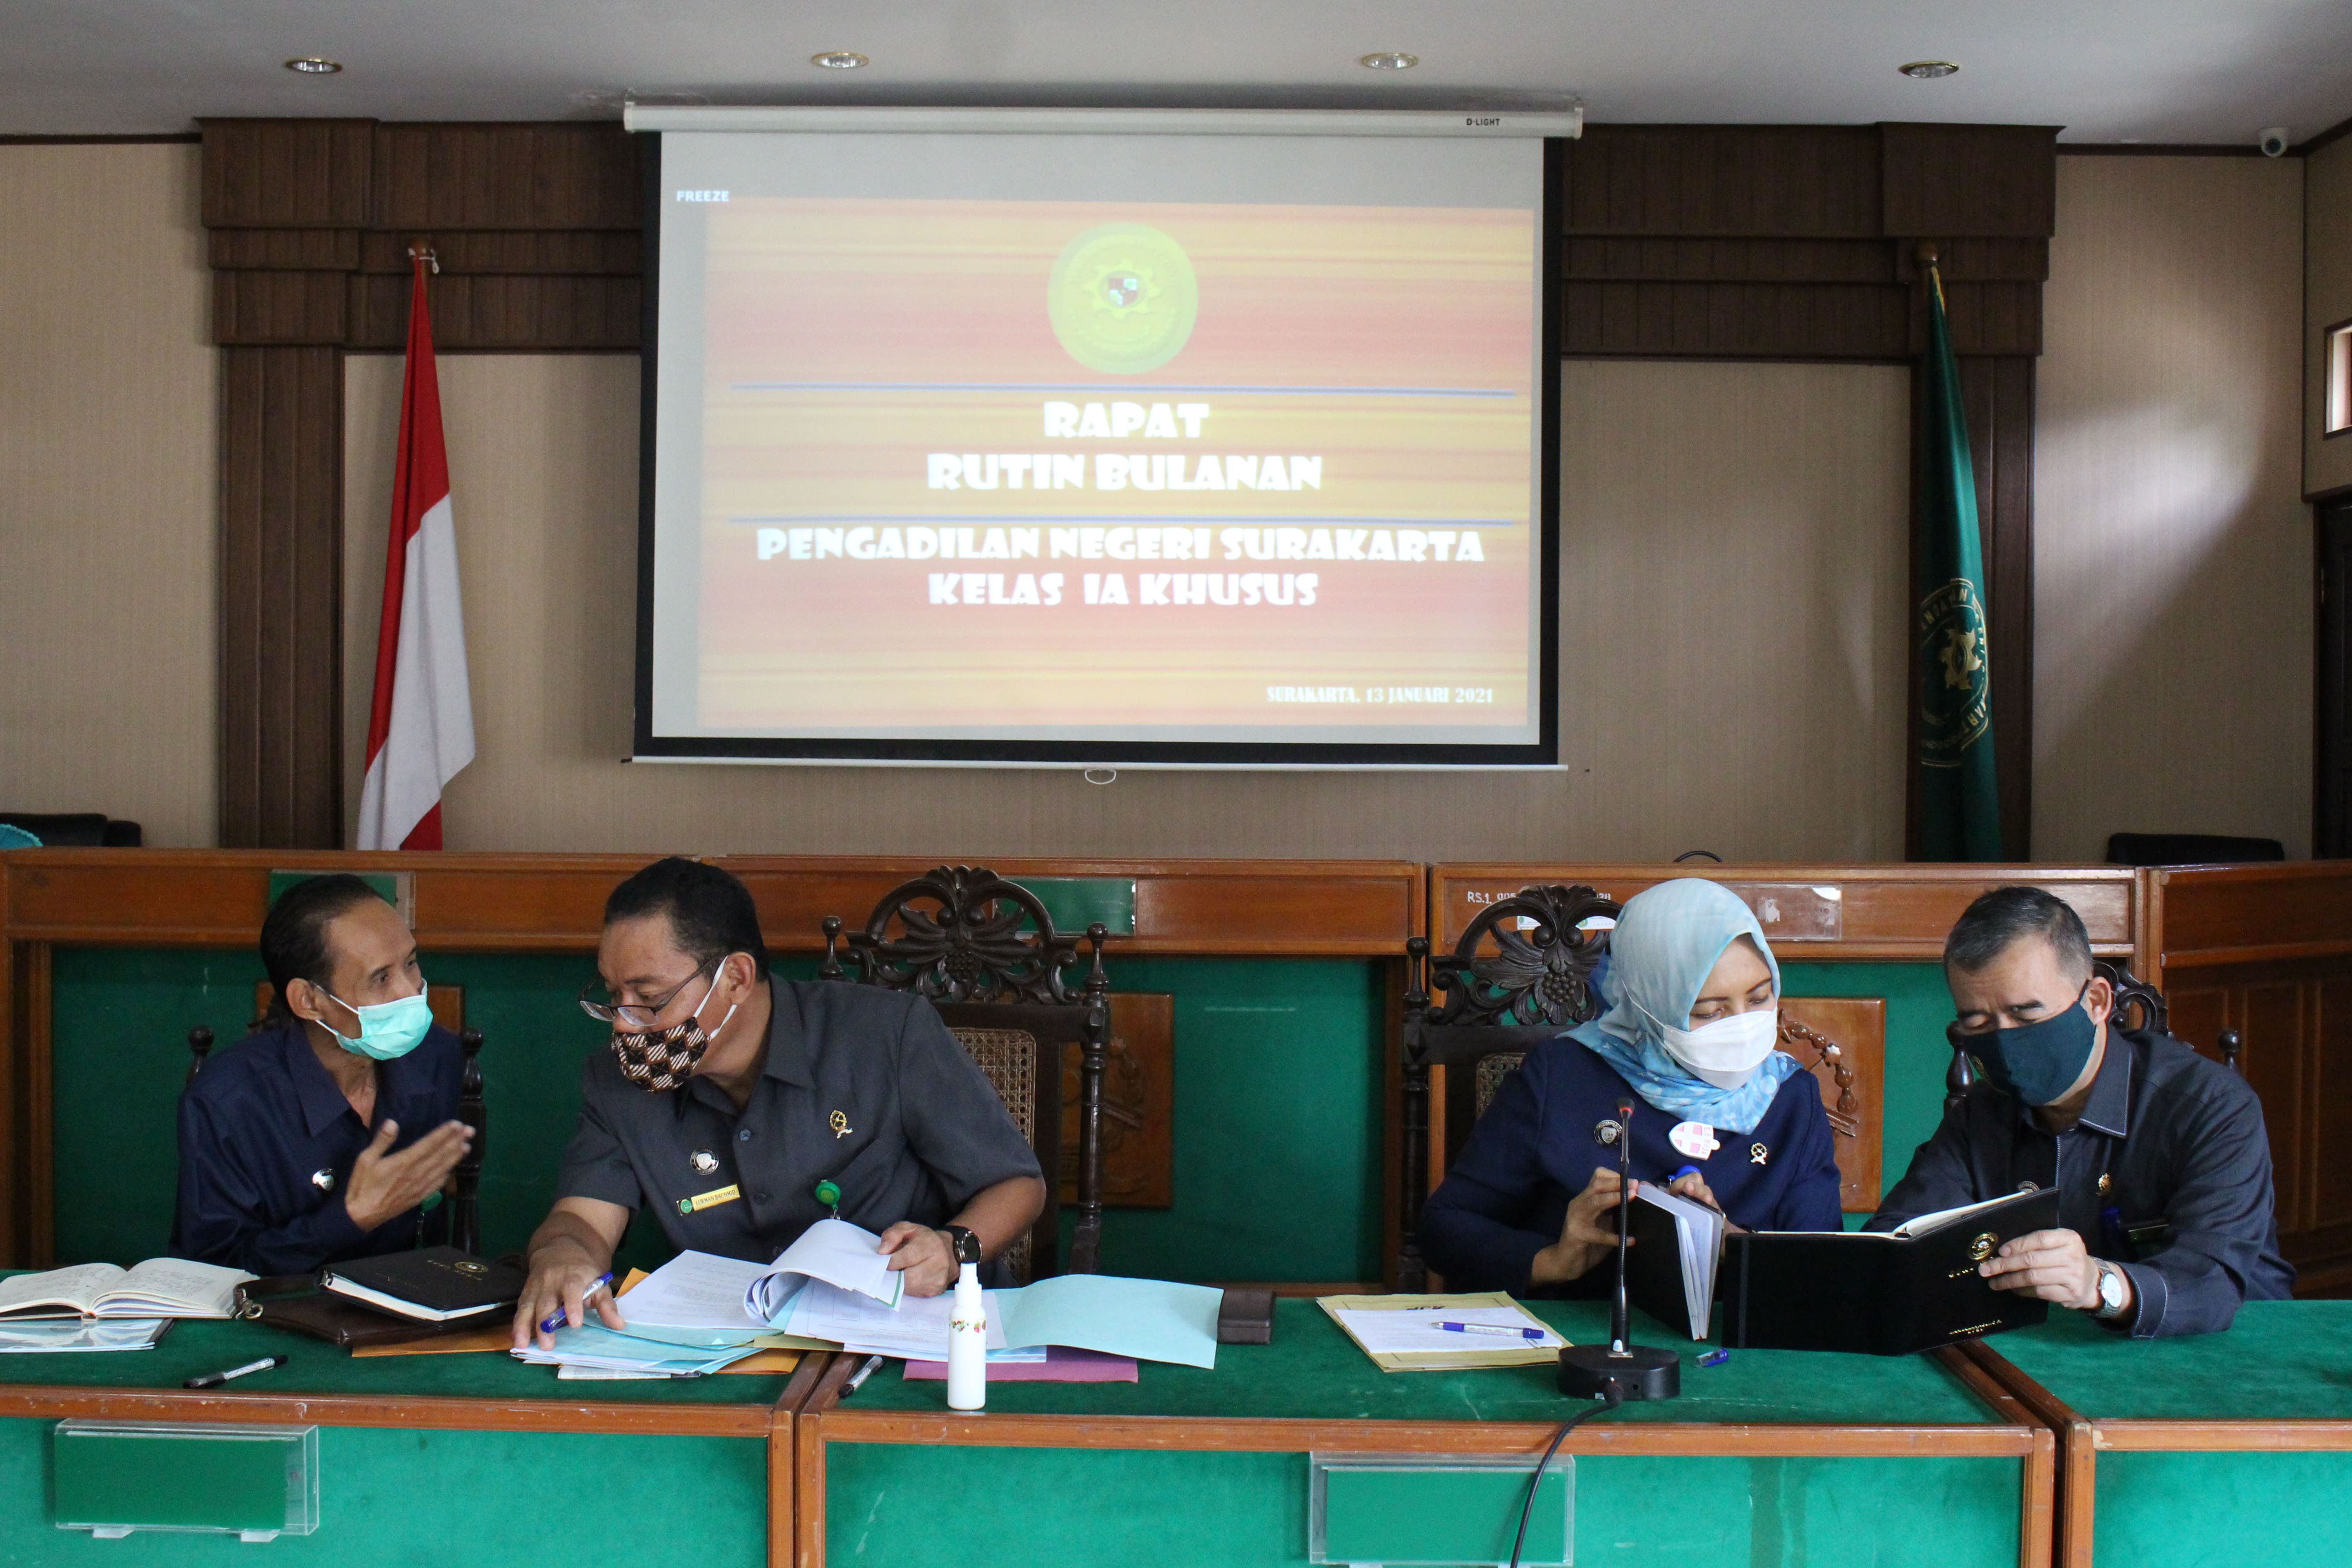 Rapat Bulanan Januari 2021 di Pengadilan Negeri Surakarta Kelas IA Khusus